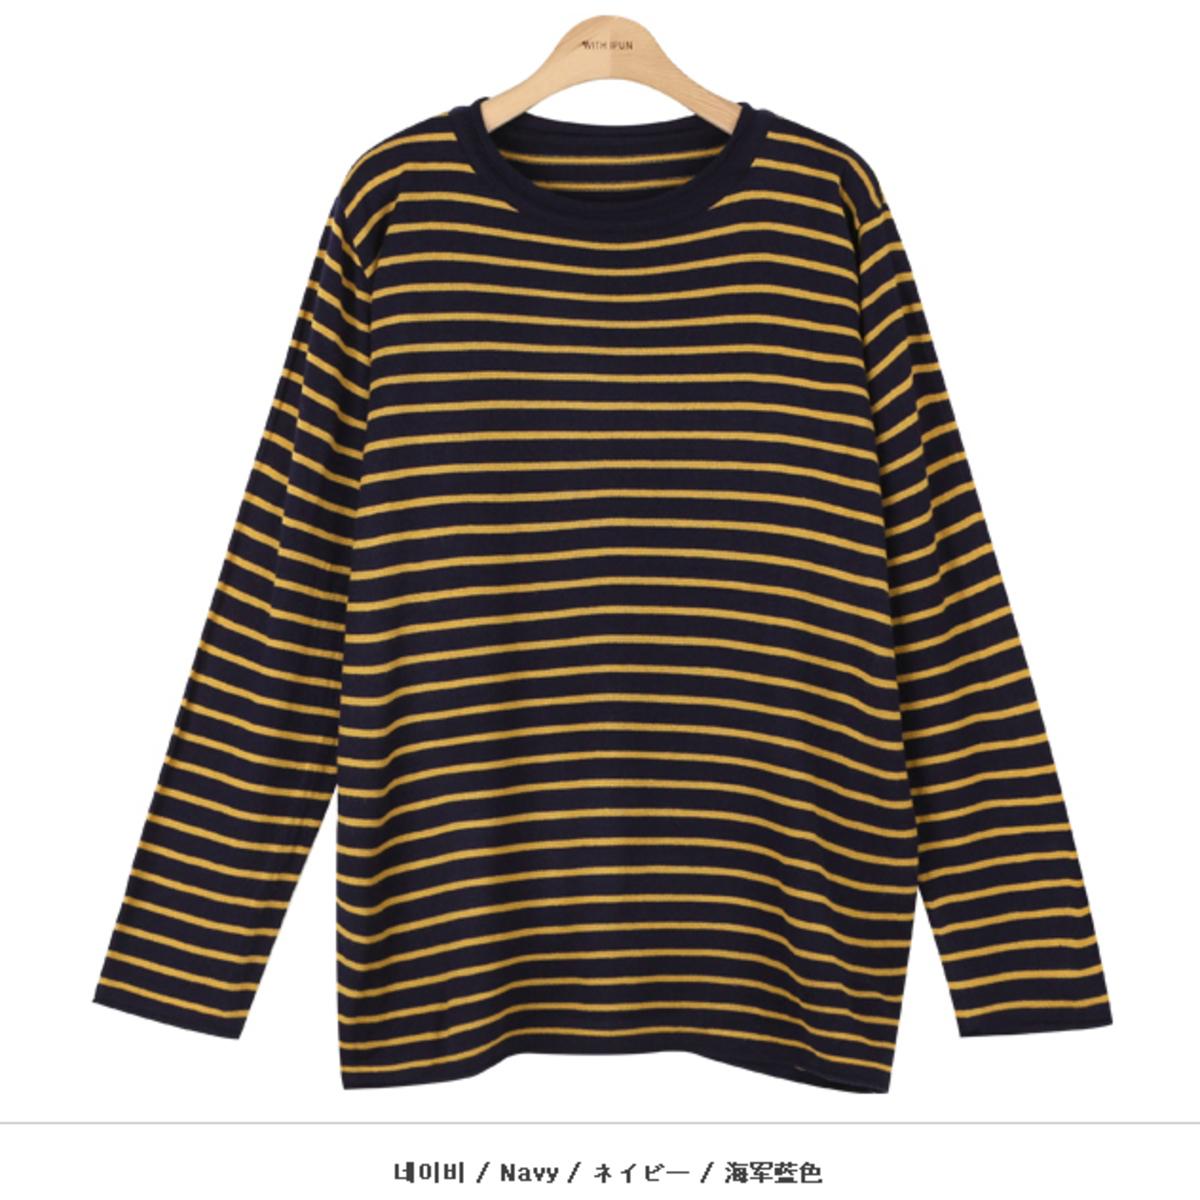 橫間卷領邊針織衫